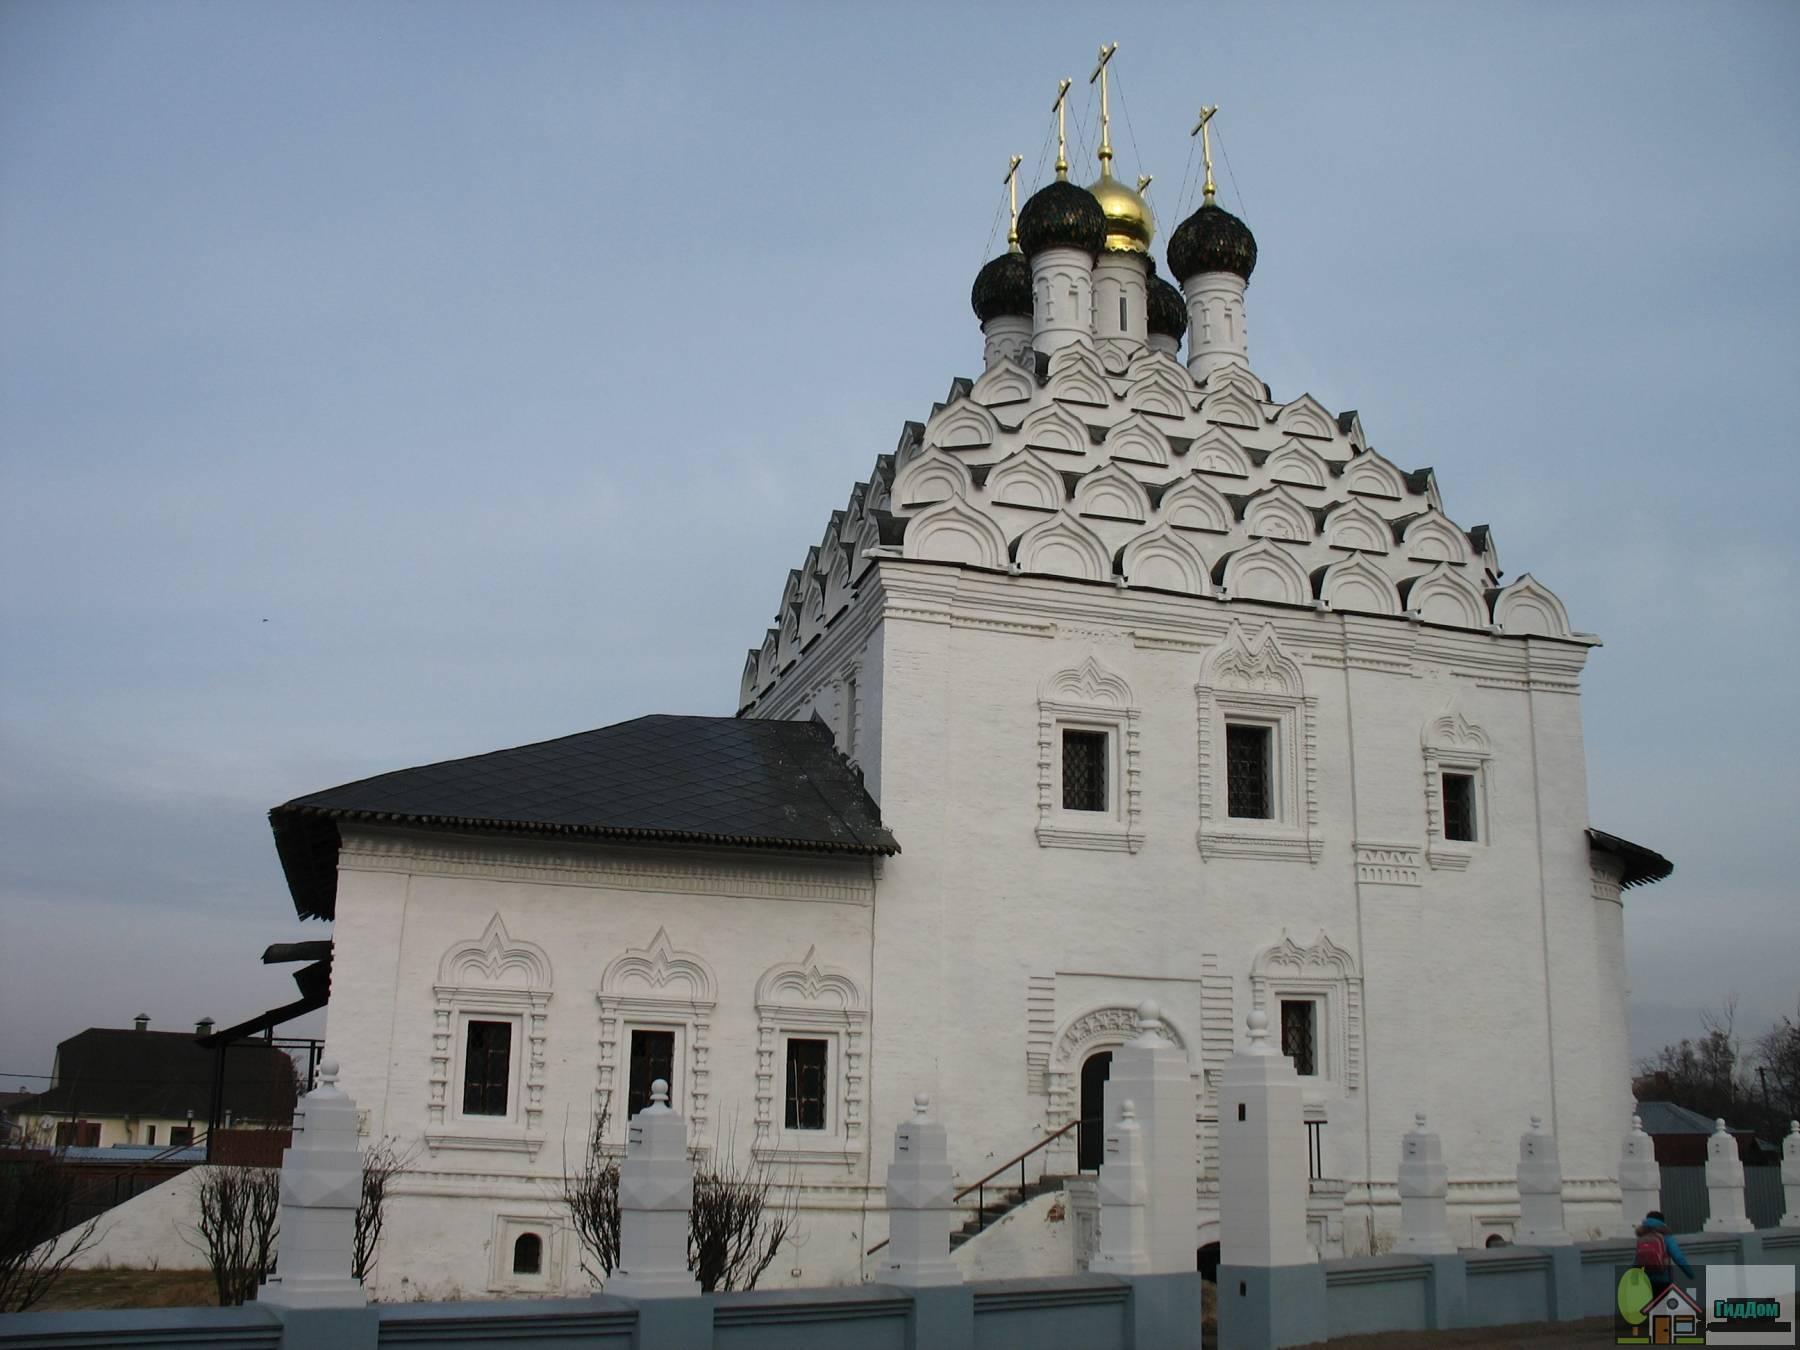 Храм Николы-на-Посаде. Снимок загружен из открытых источников. Автор неизвестен.